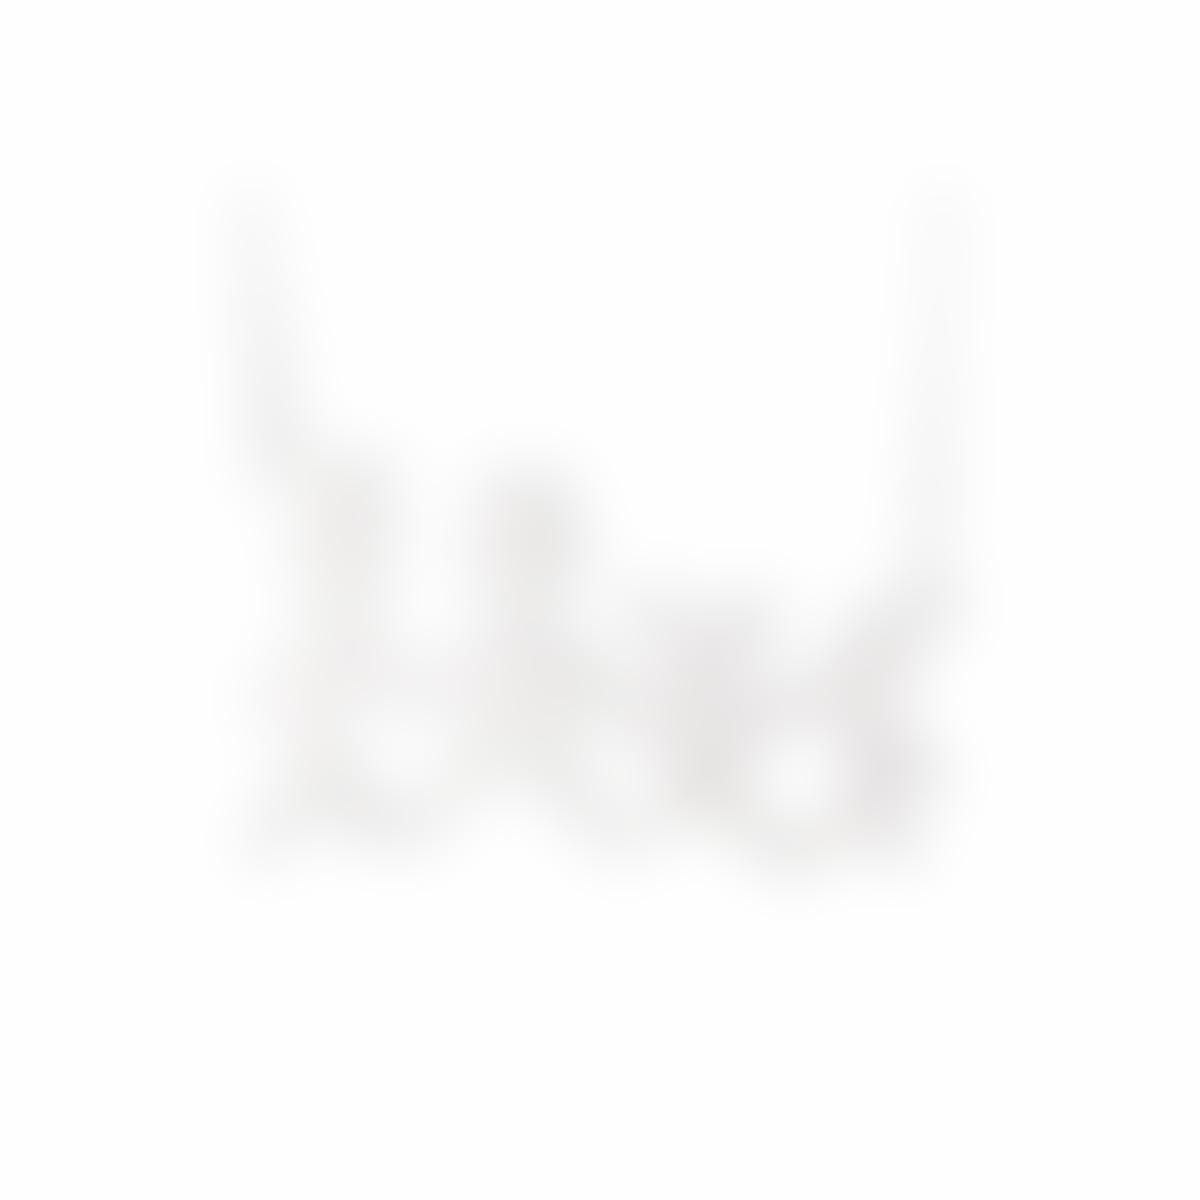 Colore Nero con Logo Bianco Bermuda Uomo MOD Bermuda Mesh St Stripes Pyrex Shorts Collezione Primavera Estate 2018 Art.UPY33818NERO